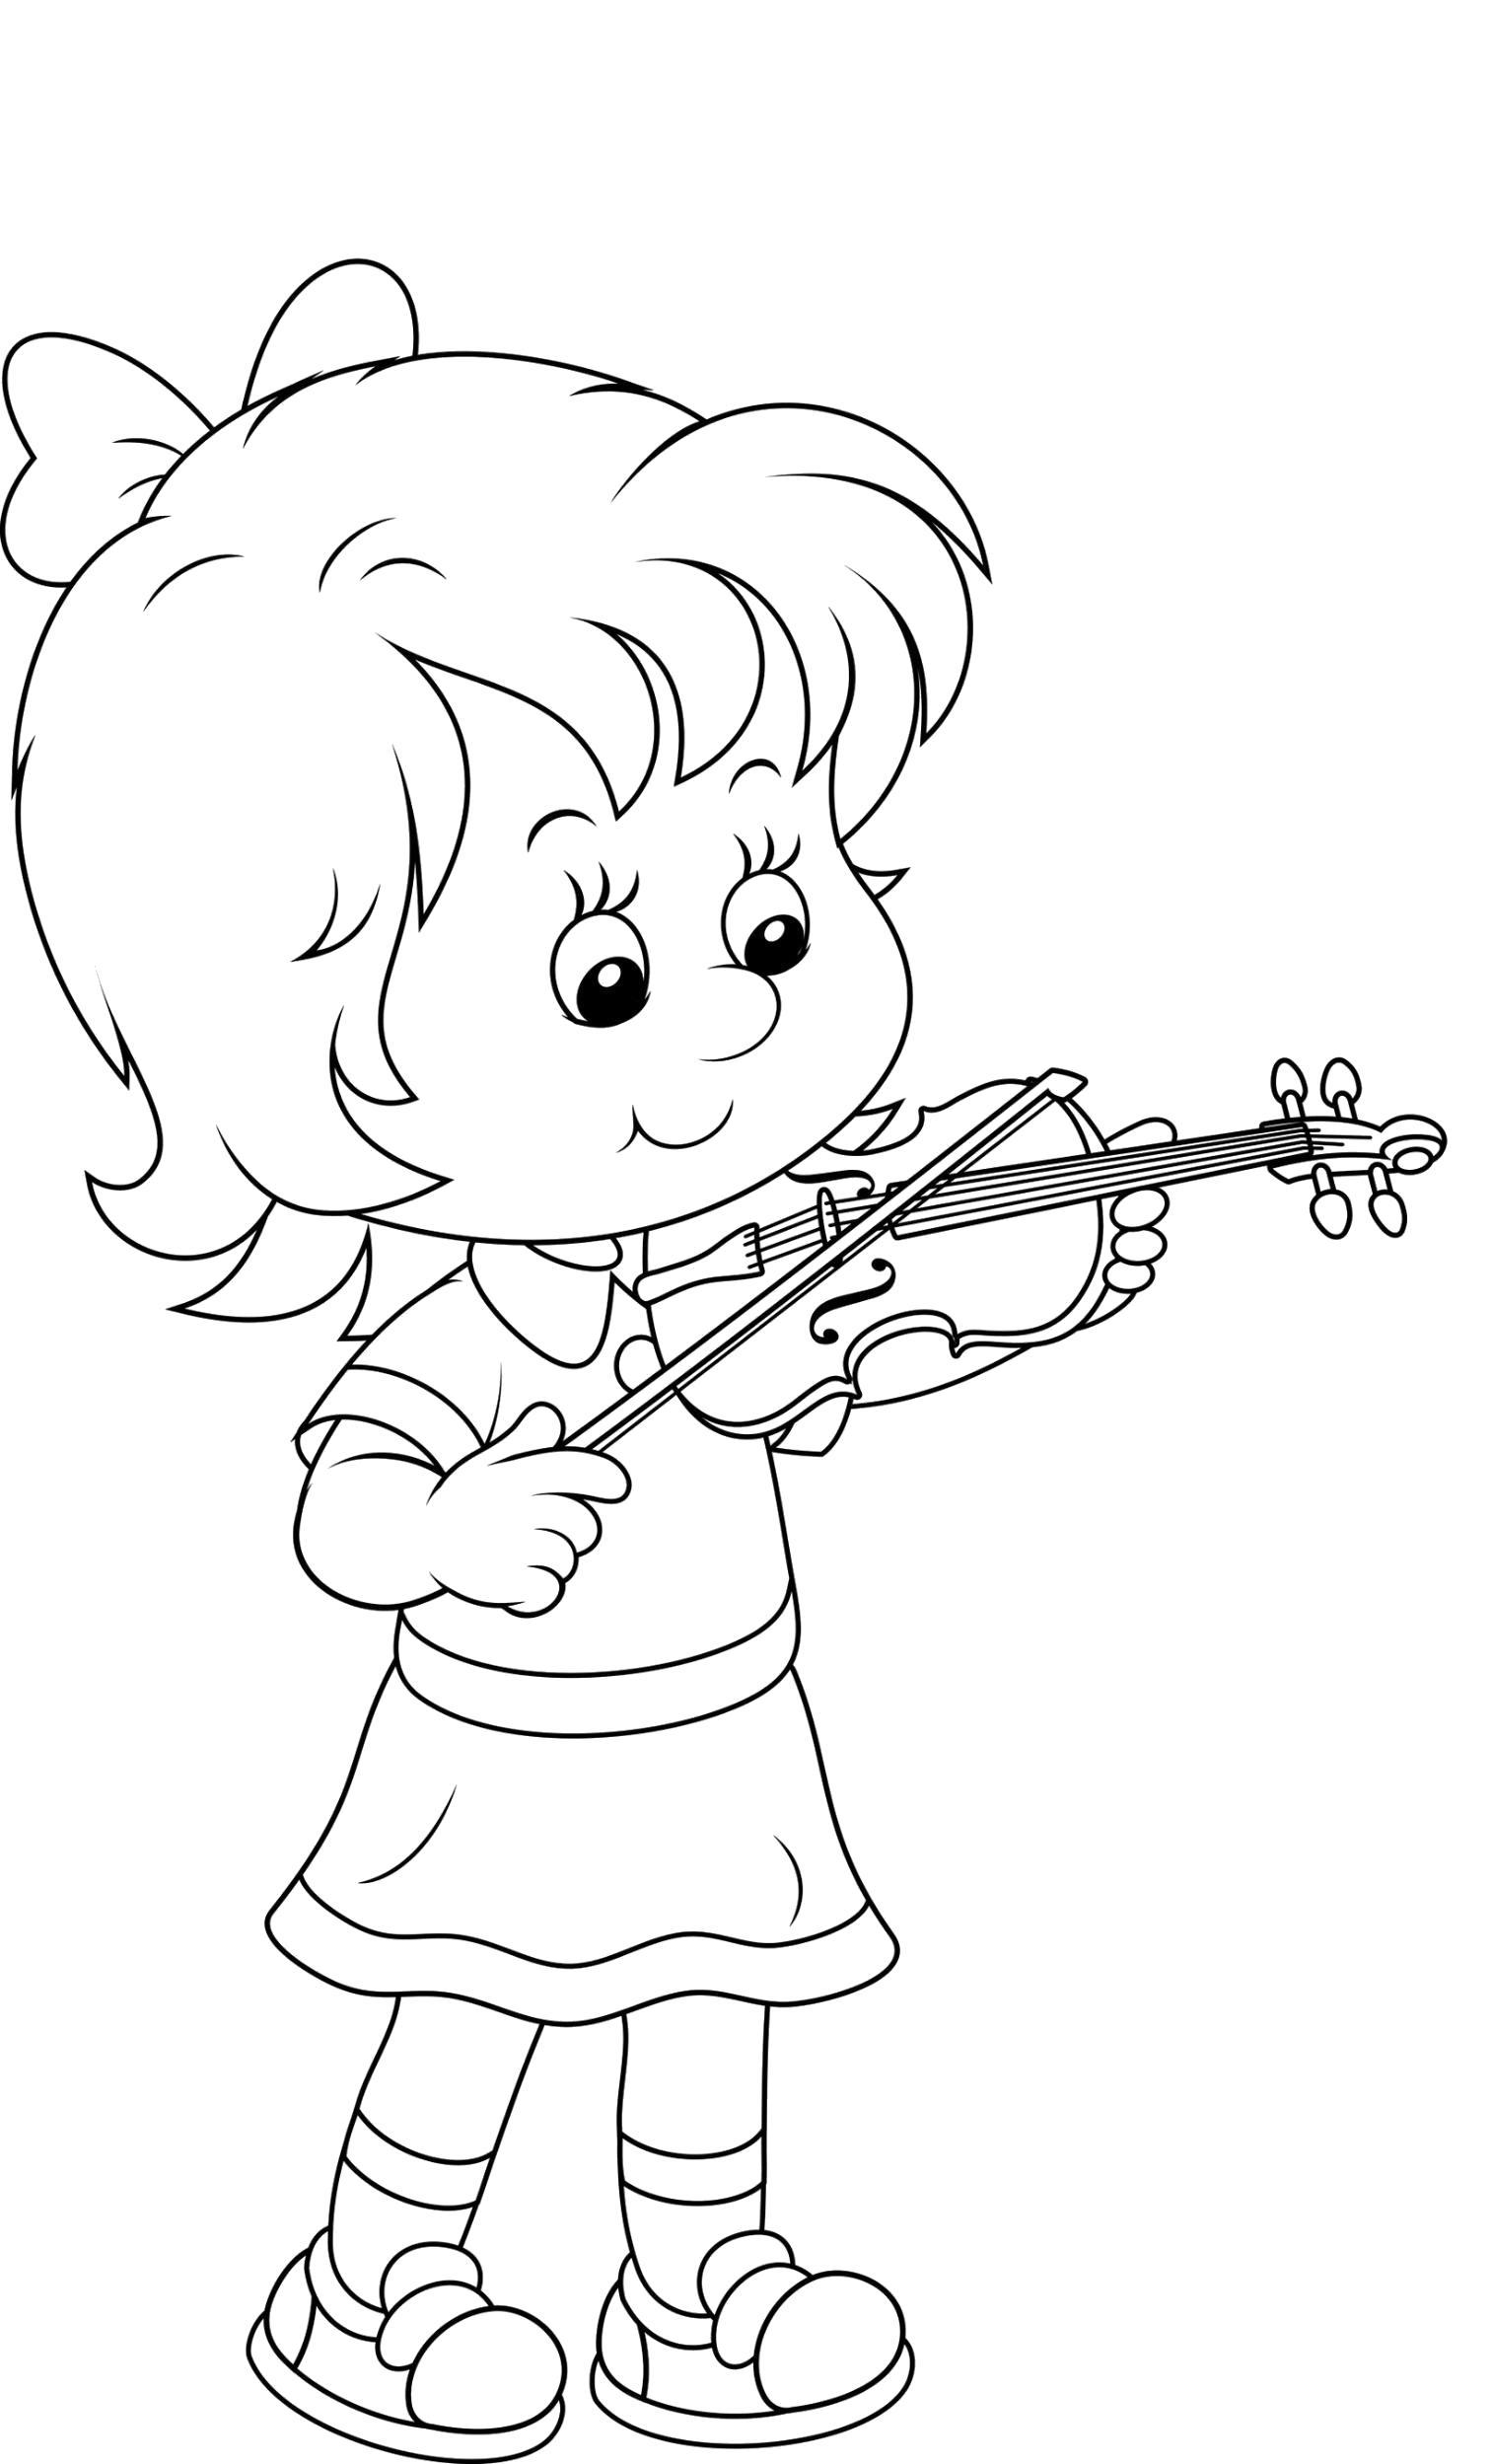 Раскраска Маленькая девочка играет на скрипке. Скачать 1 сентября.  Распечатать 1 сентября